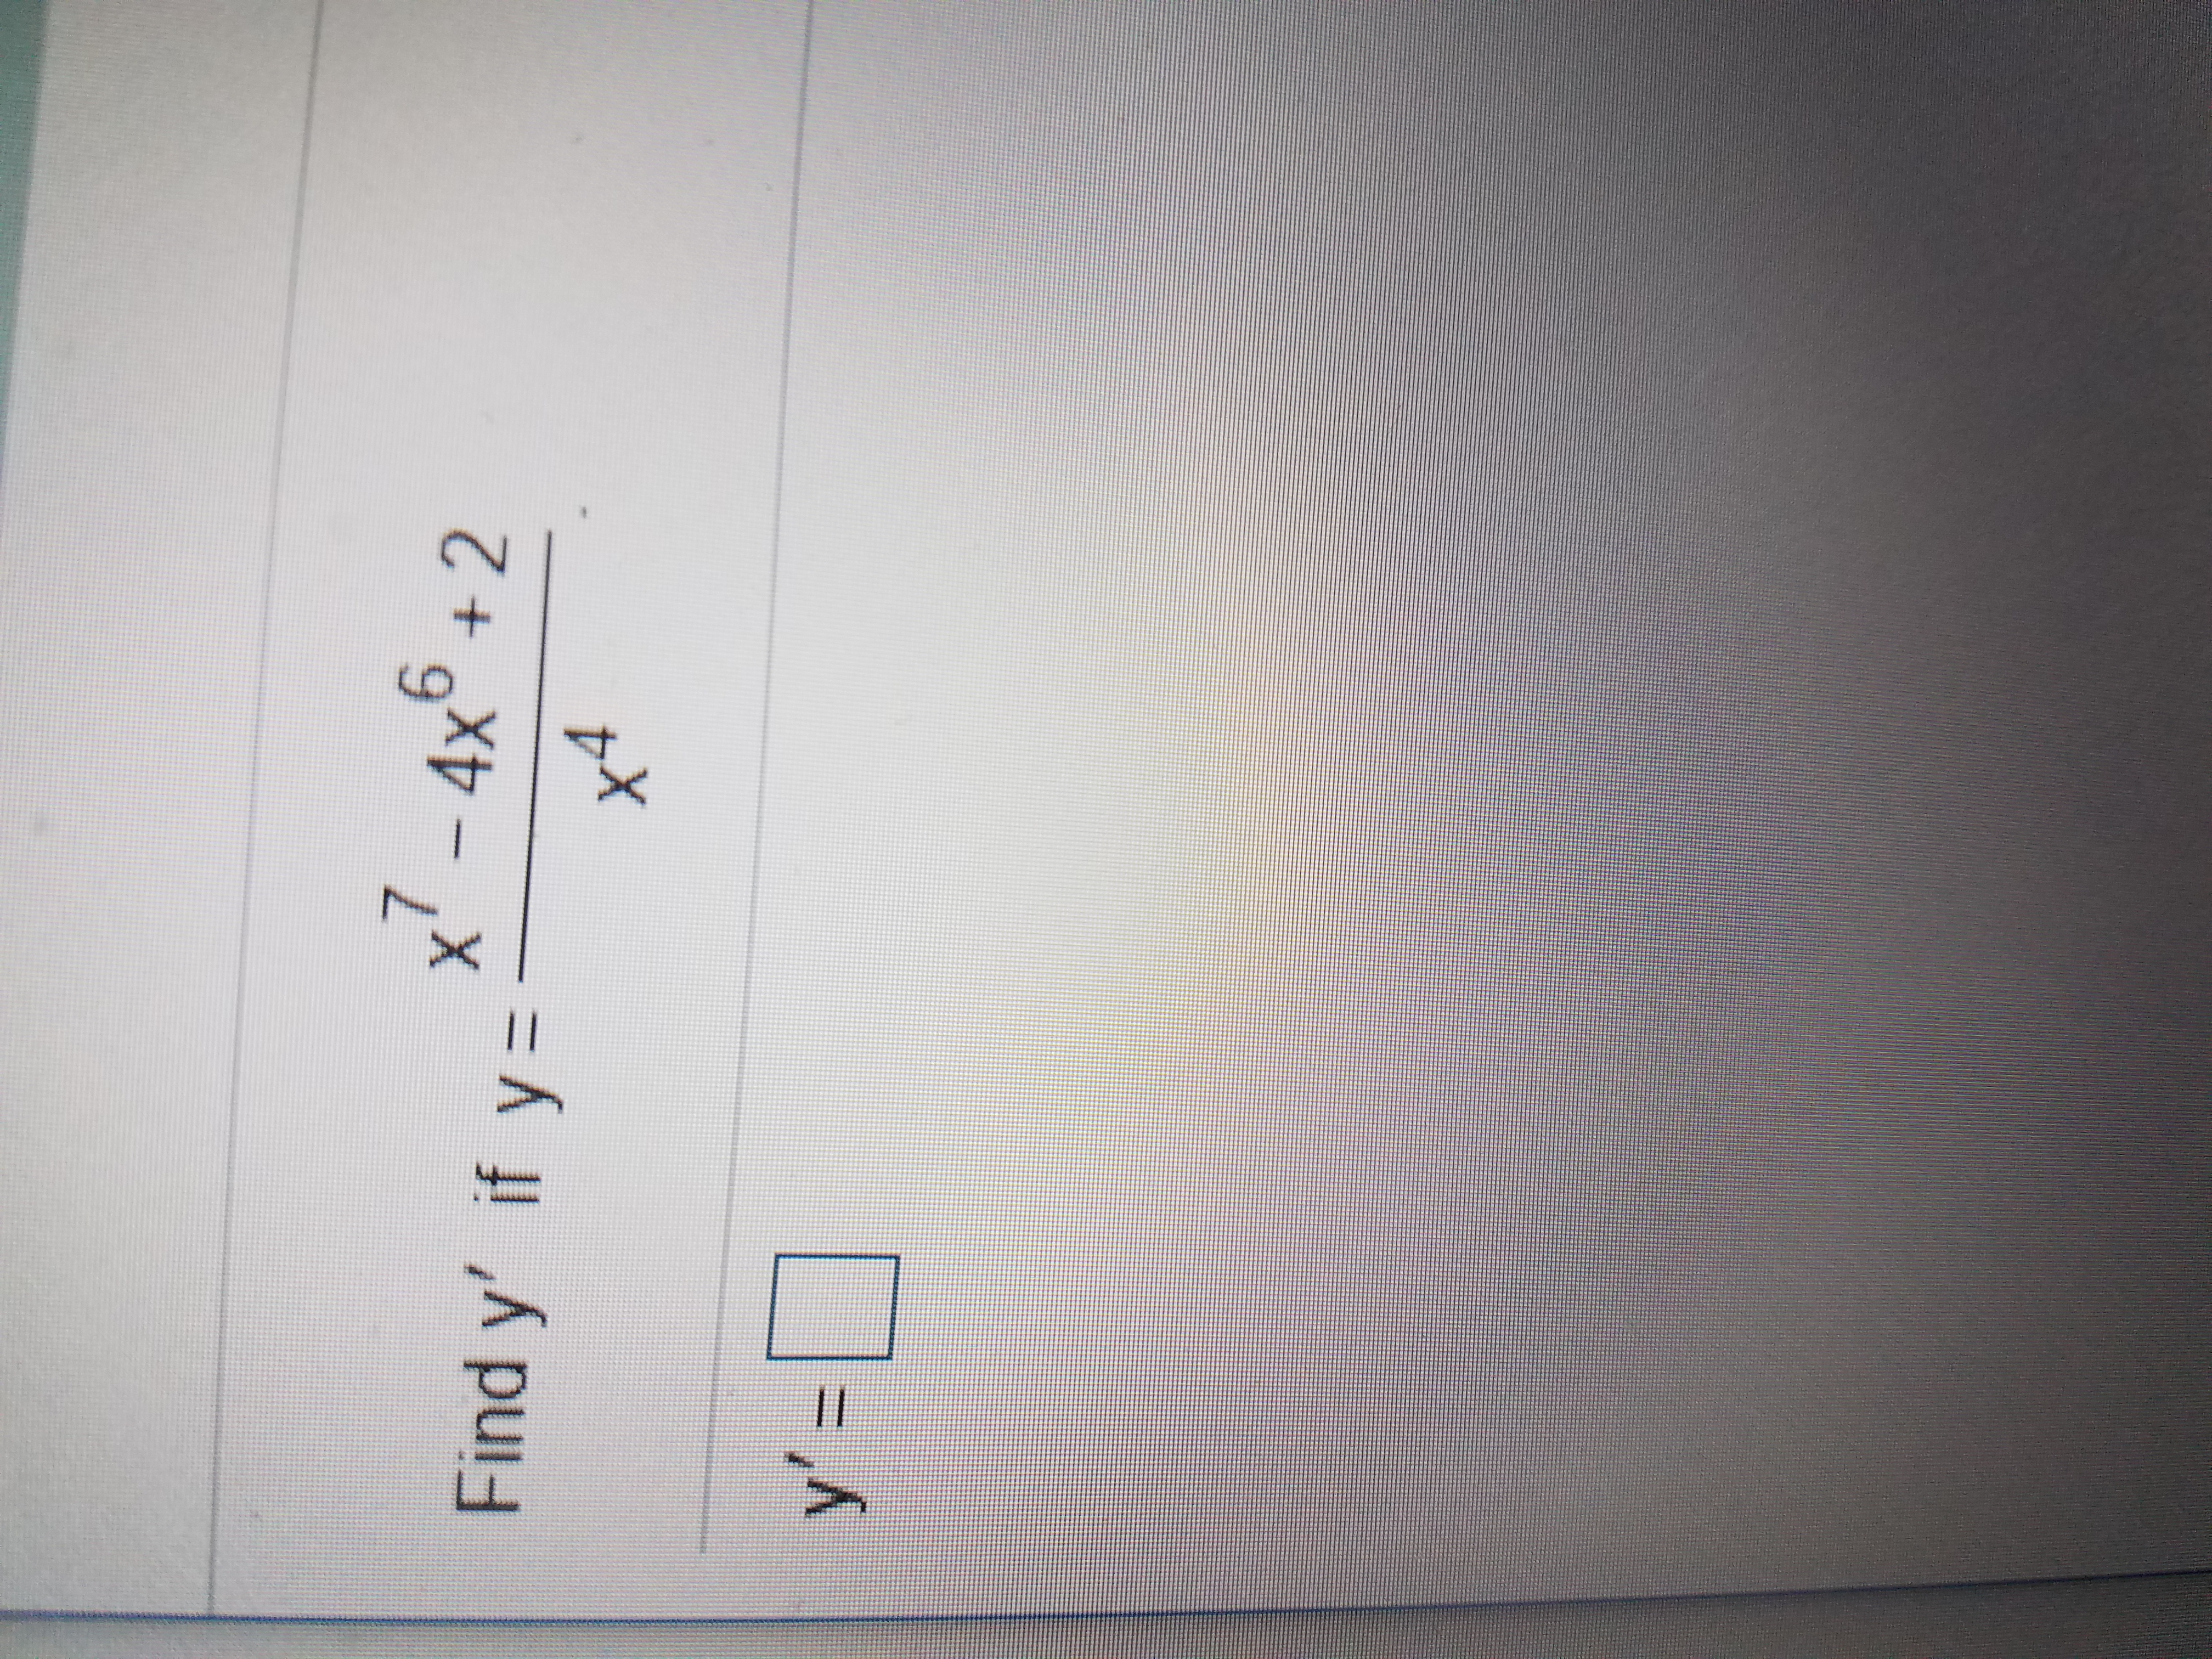 x7-4x 6 4x0+2 Find y' if y х4 y' =